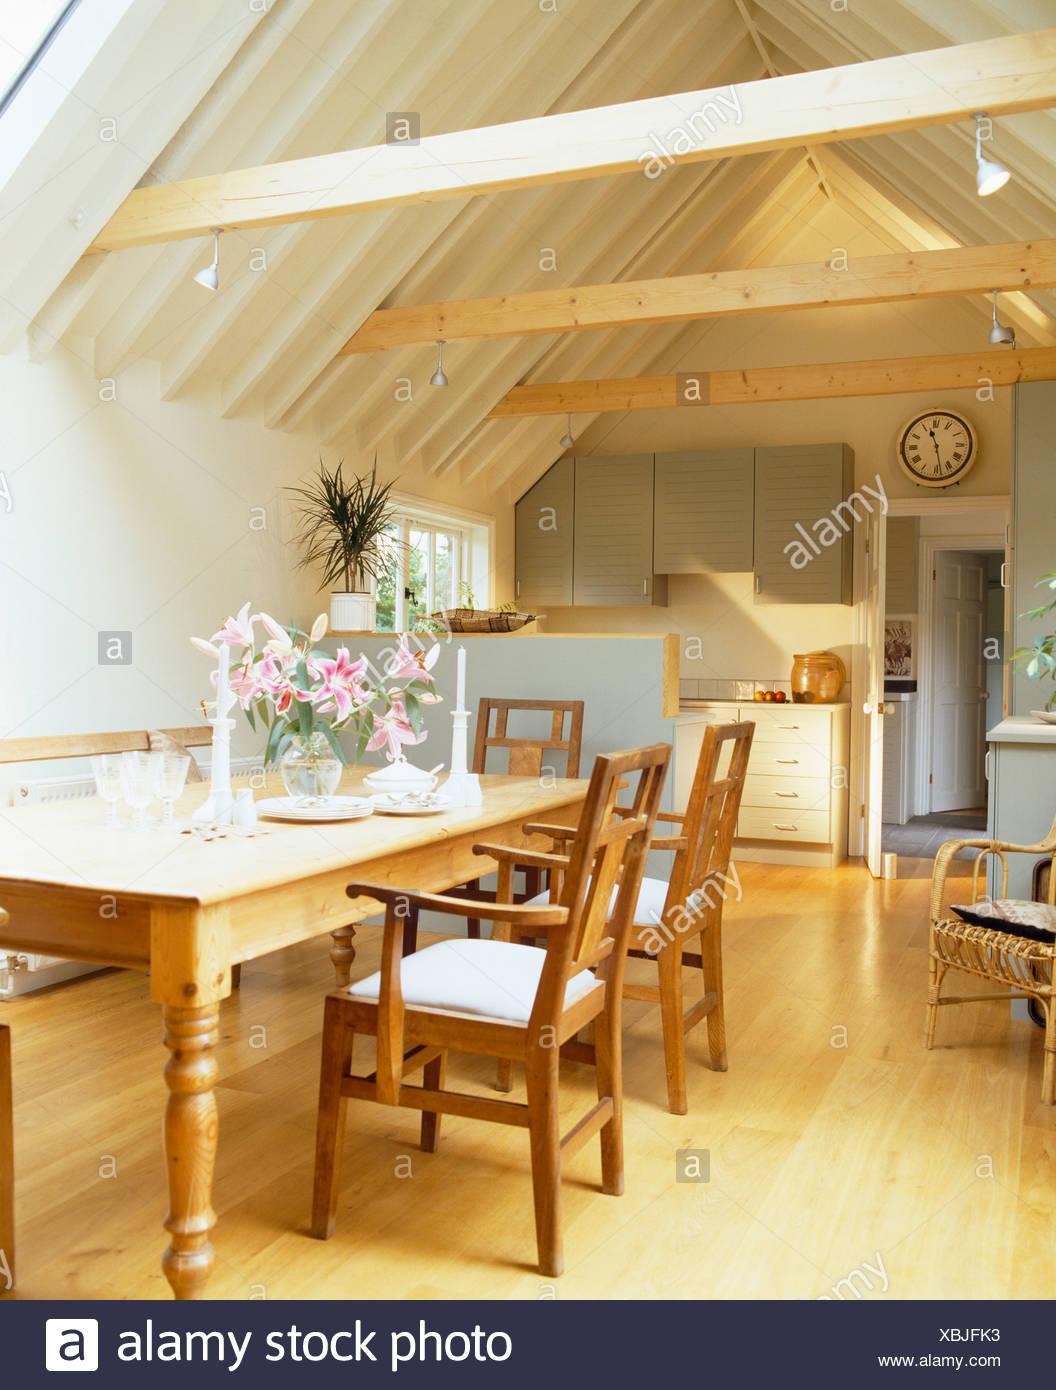 Holzstühle und Tisch Kiefer in traditionelle Küche im kleinen